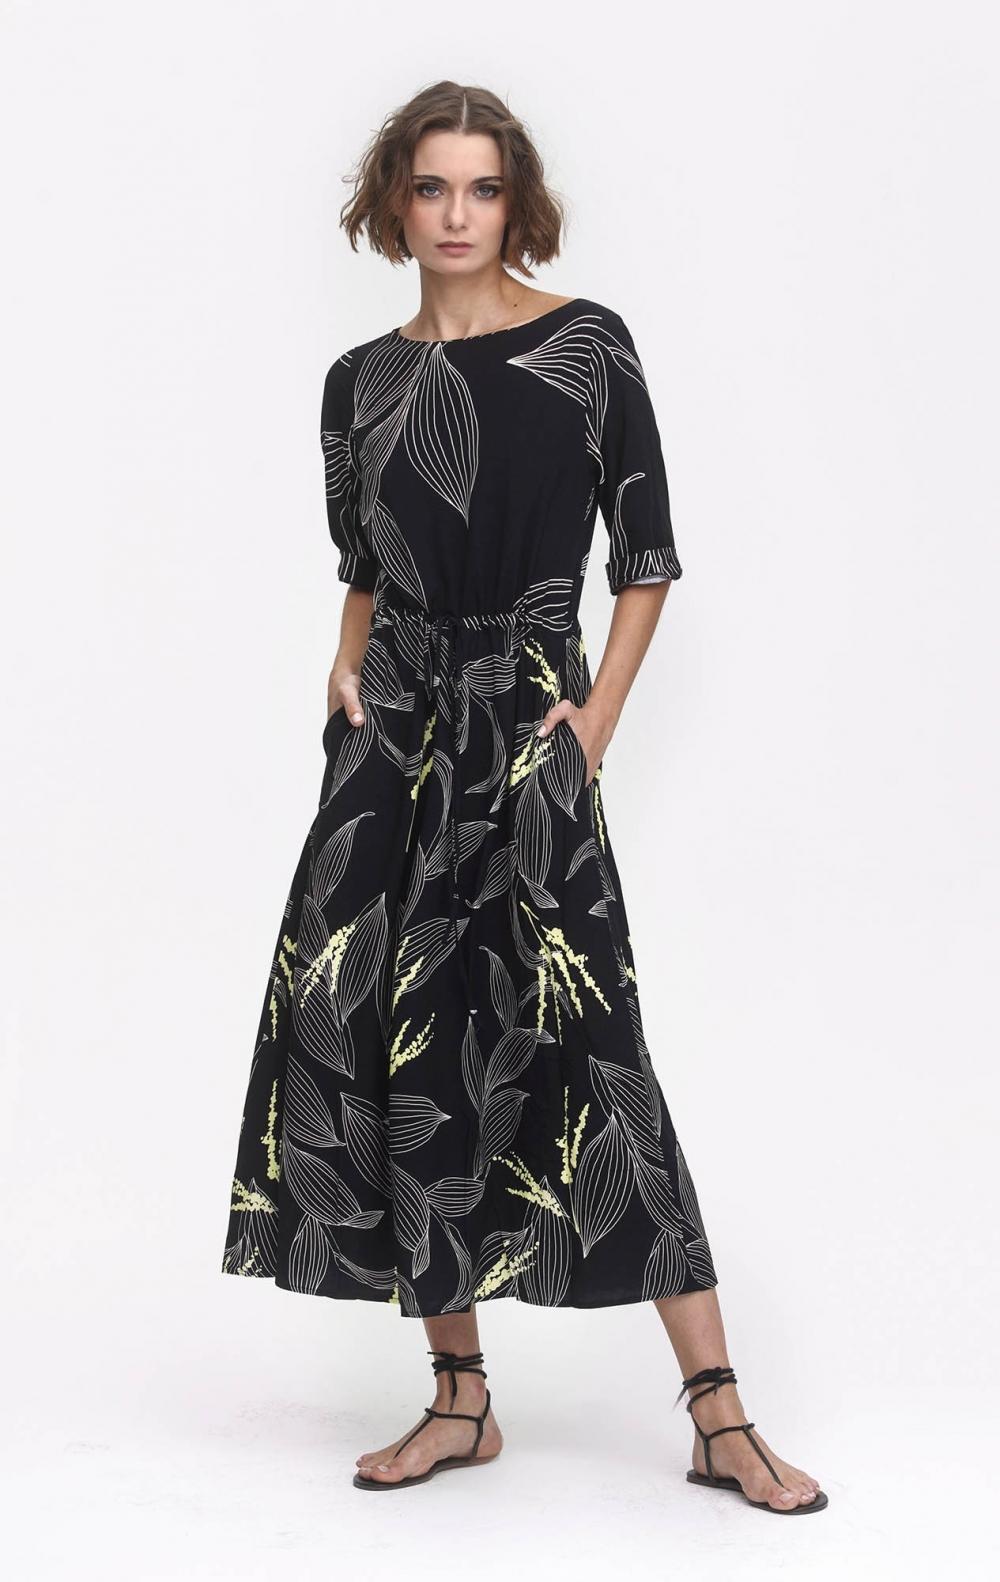 Vestido Viscose Estampado Preto  - Foto 1